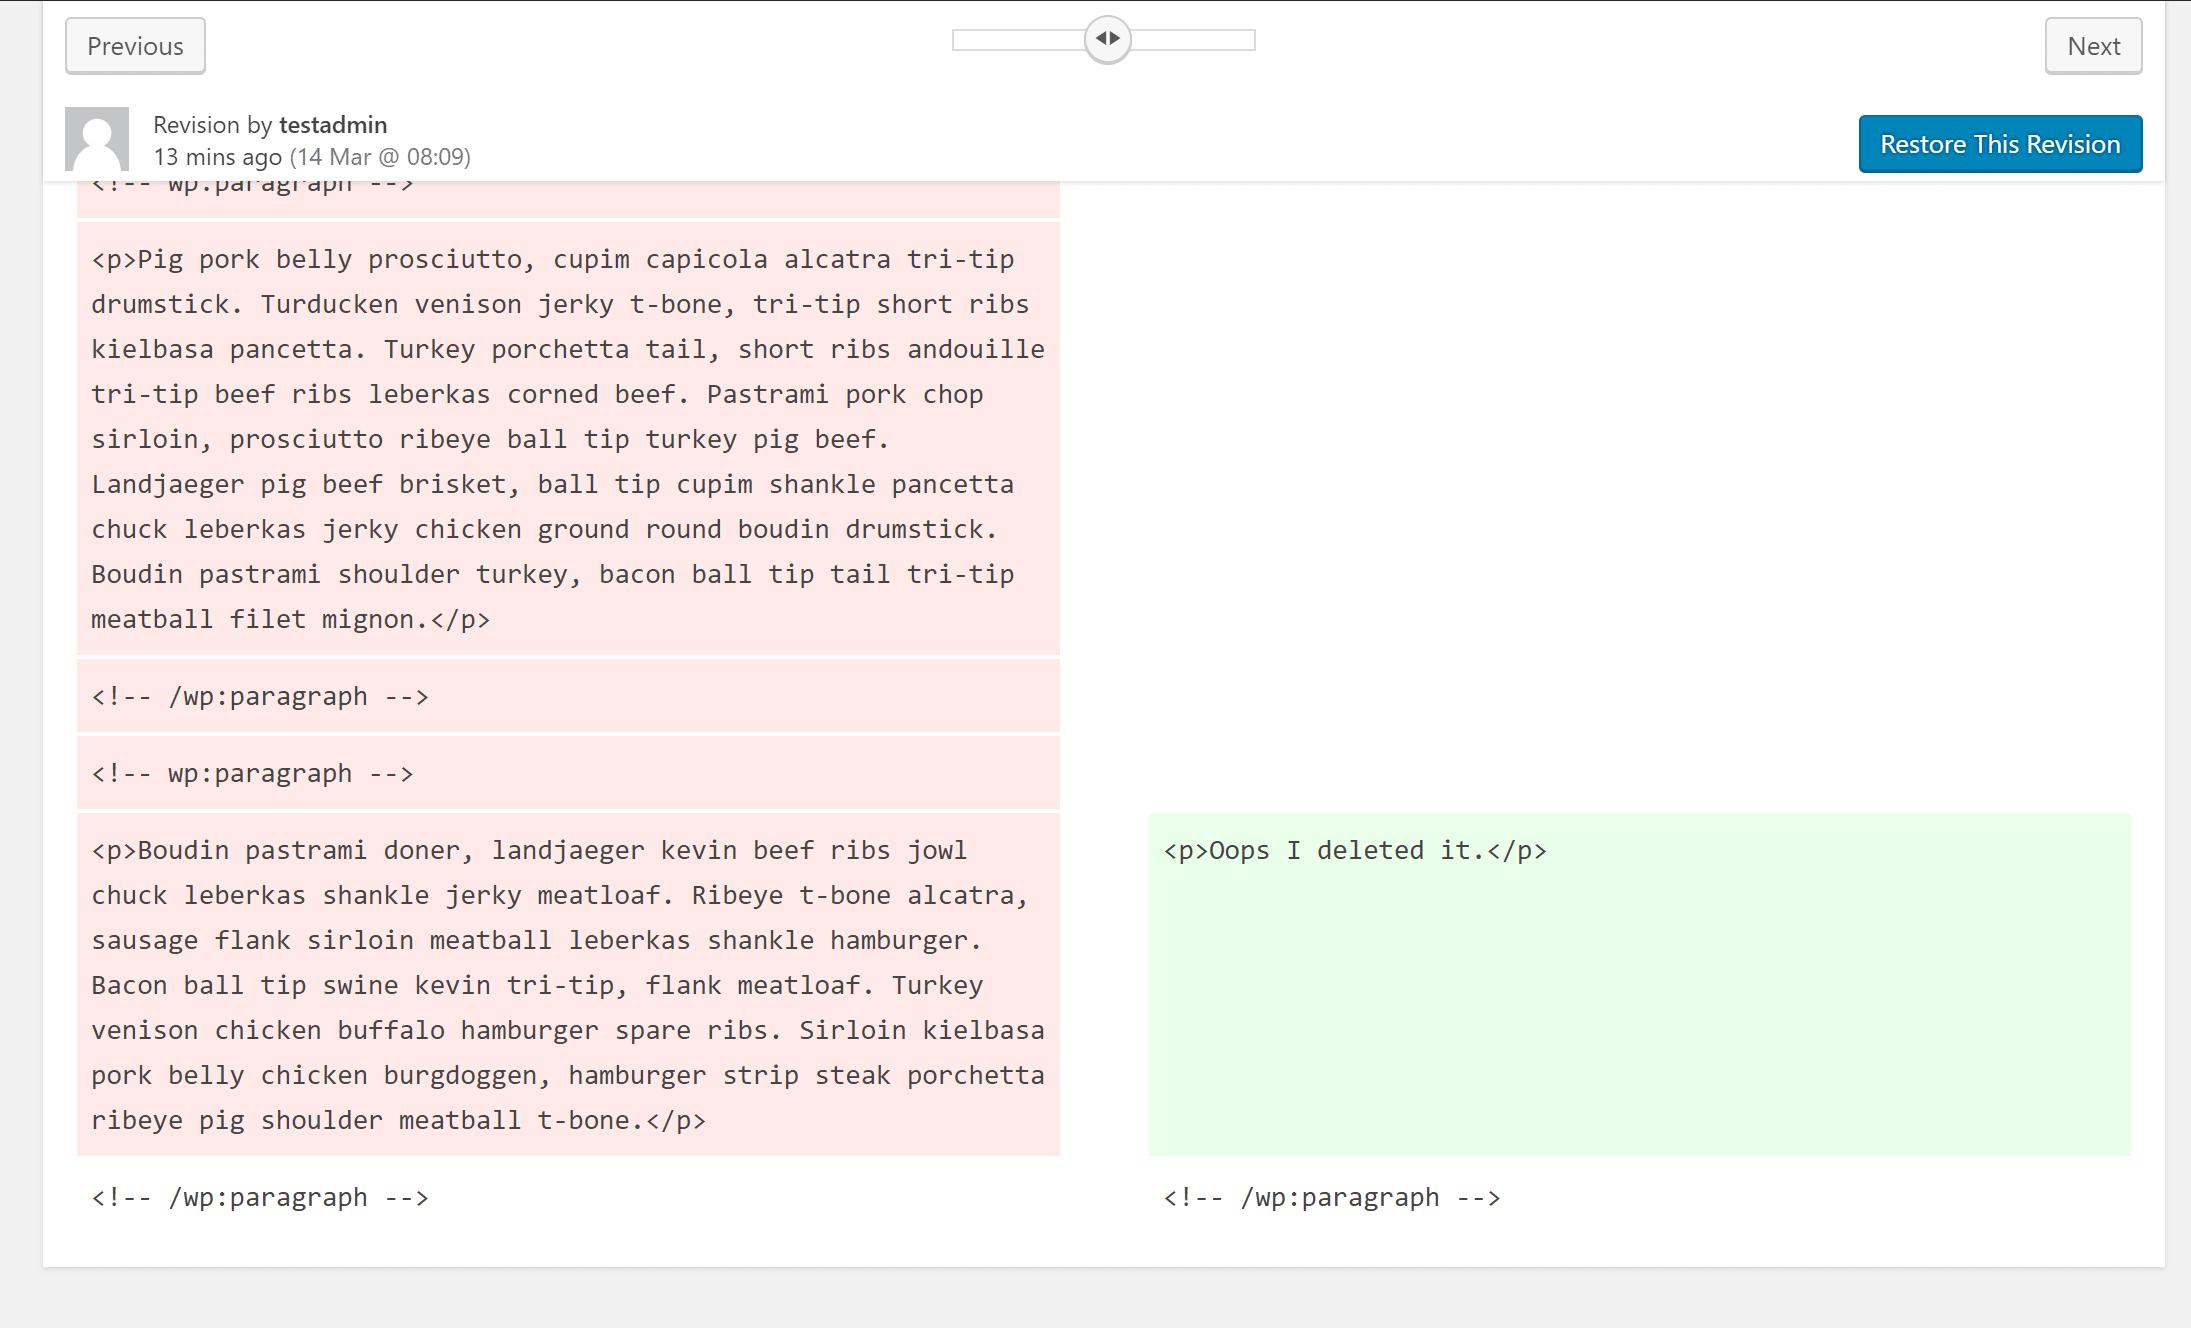 リビジョン間の追加されたまたは削除された内容が色分けされる